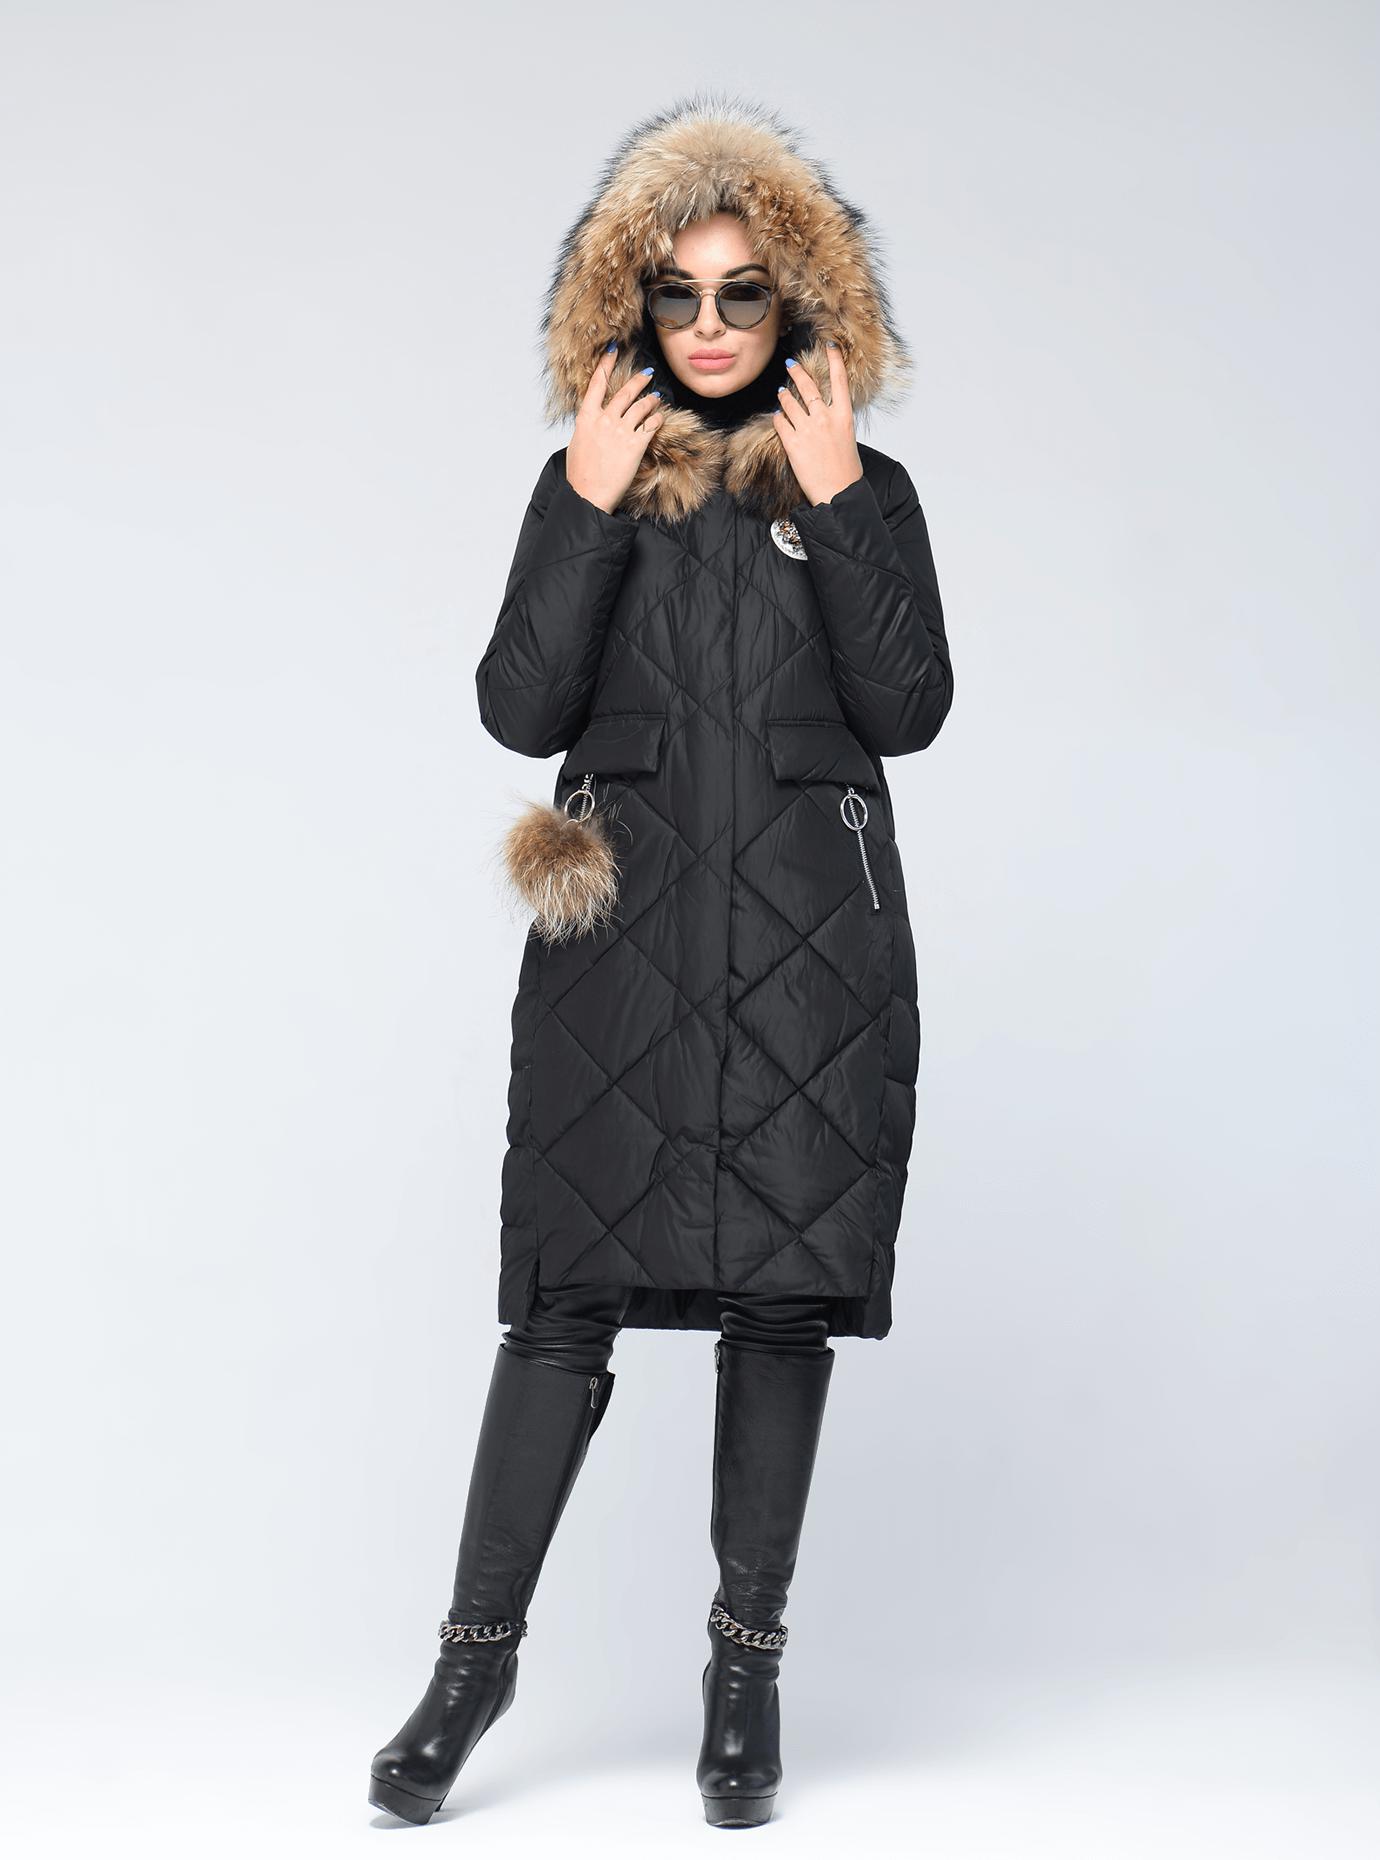 Куртка зимняя с меховой опушкой и брелоком Чёрный S (05-V191270): фото - Alster.ua